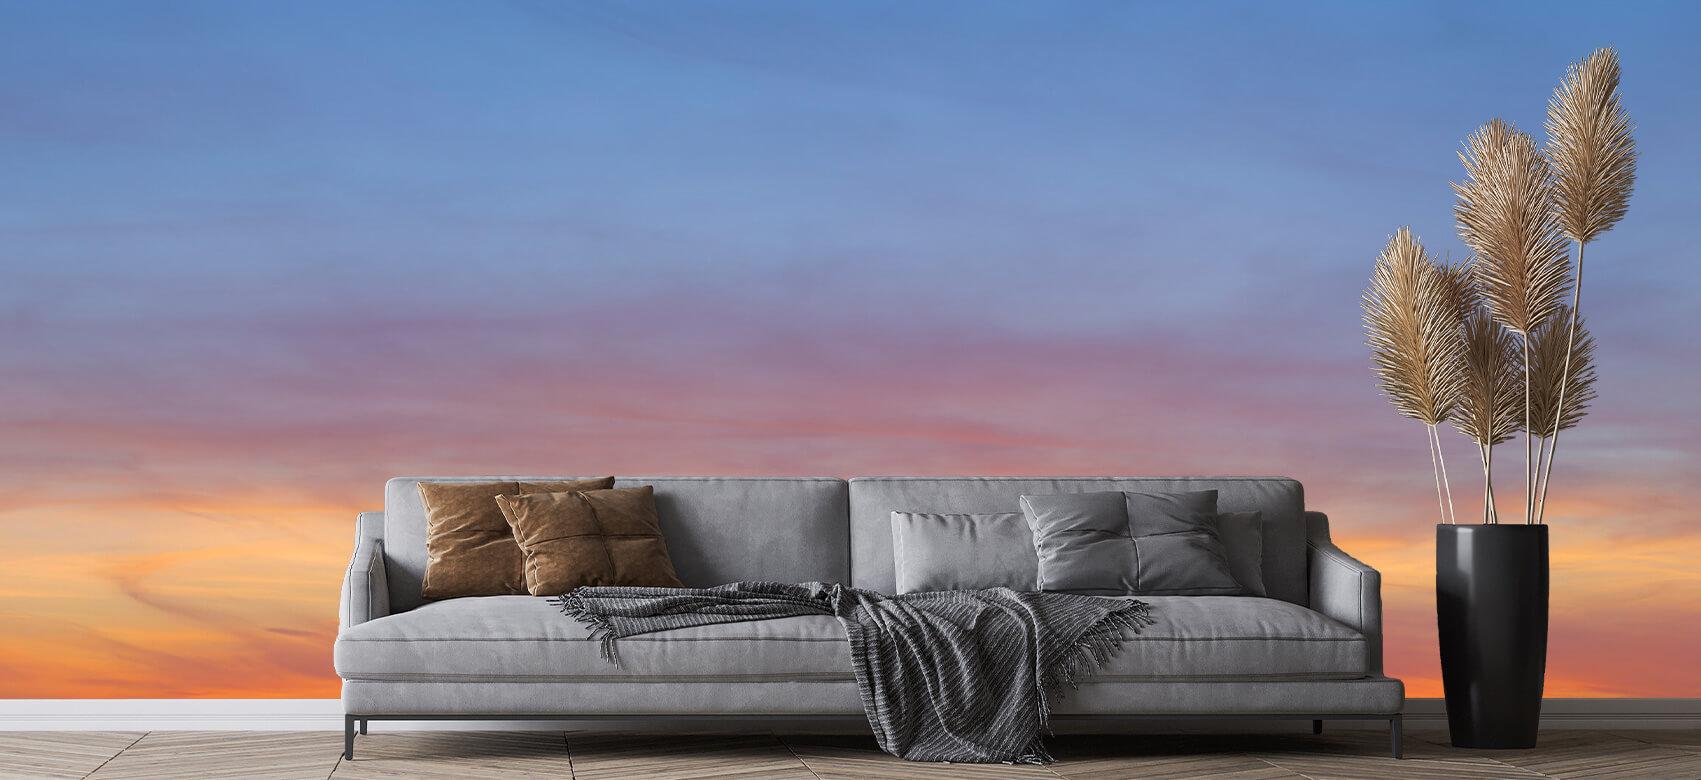 wallpaper Kleurrijke lucht 6